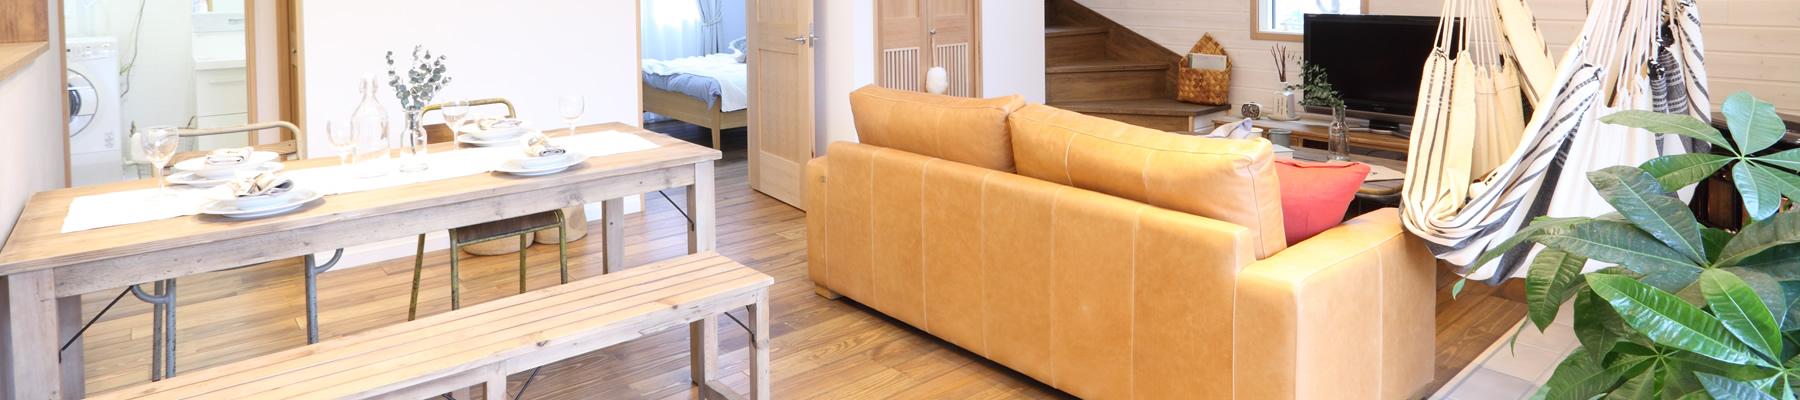 建材・耐震・工法|安水建設|愛知県三河エリアの木造注文住宅・リフォーム